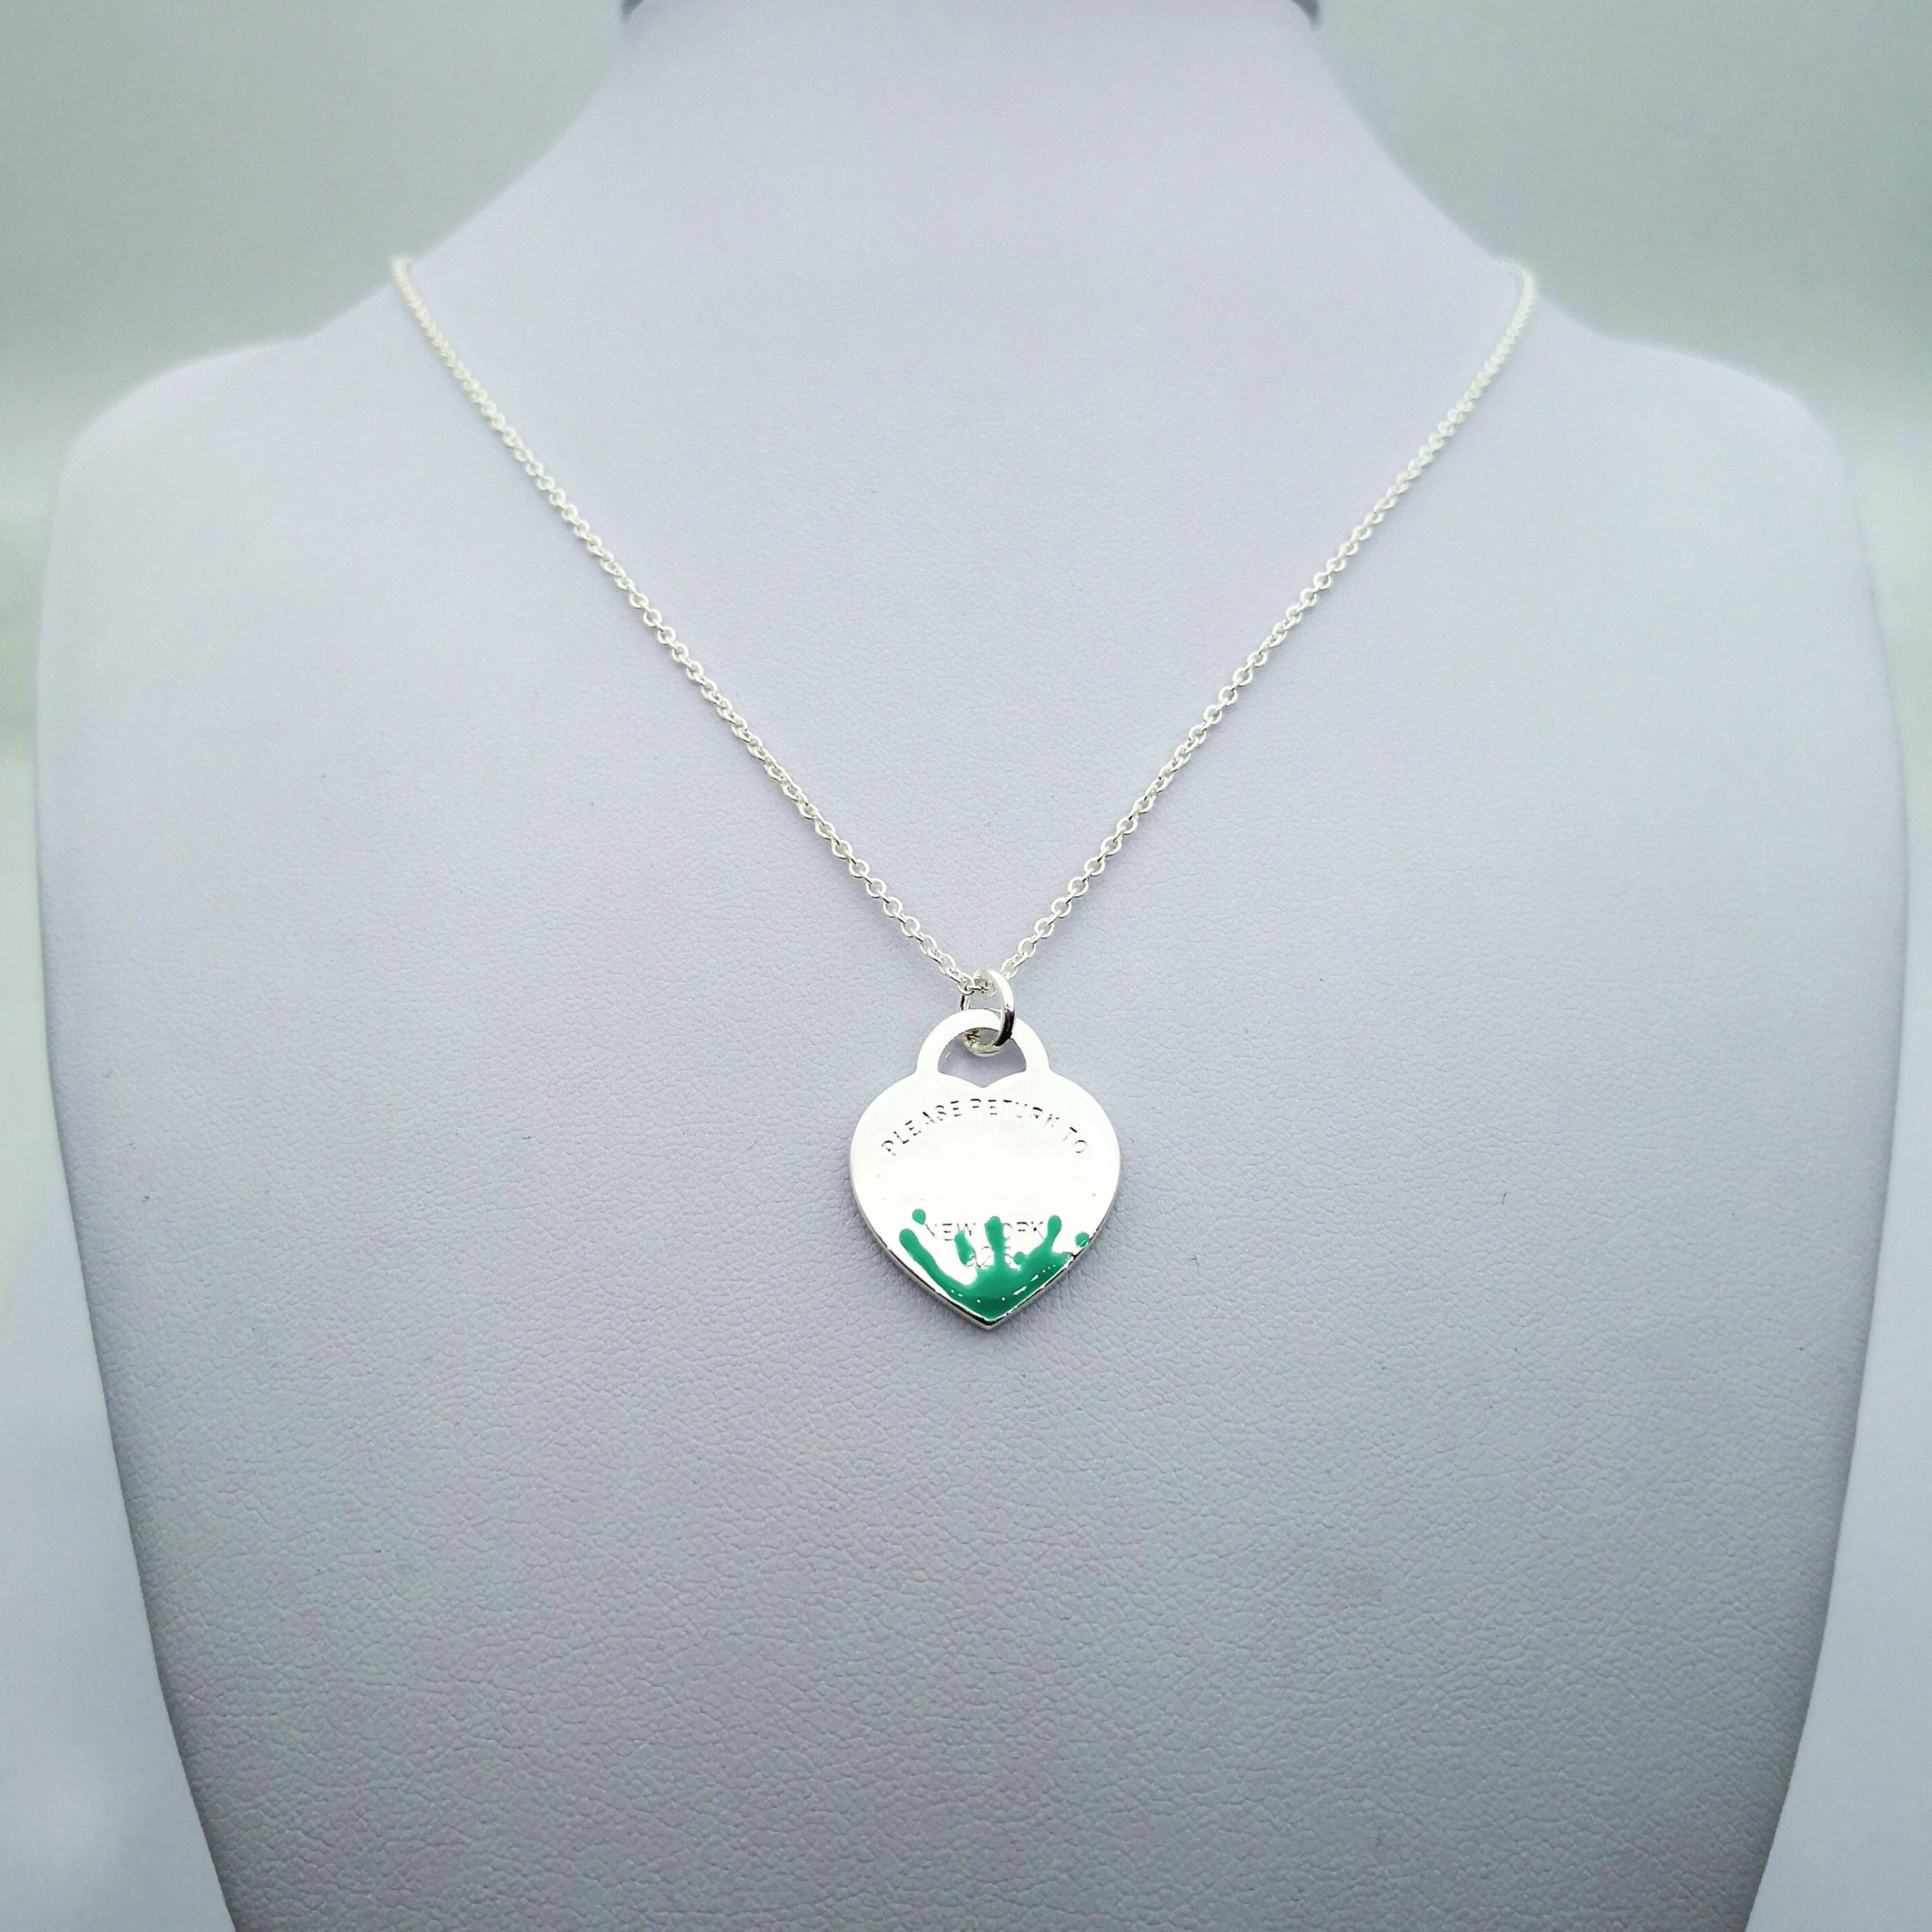 Plata de Ley 925 clásico popular original de moda en forma de corazón de tres piezas collar de mujer joyería - 4